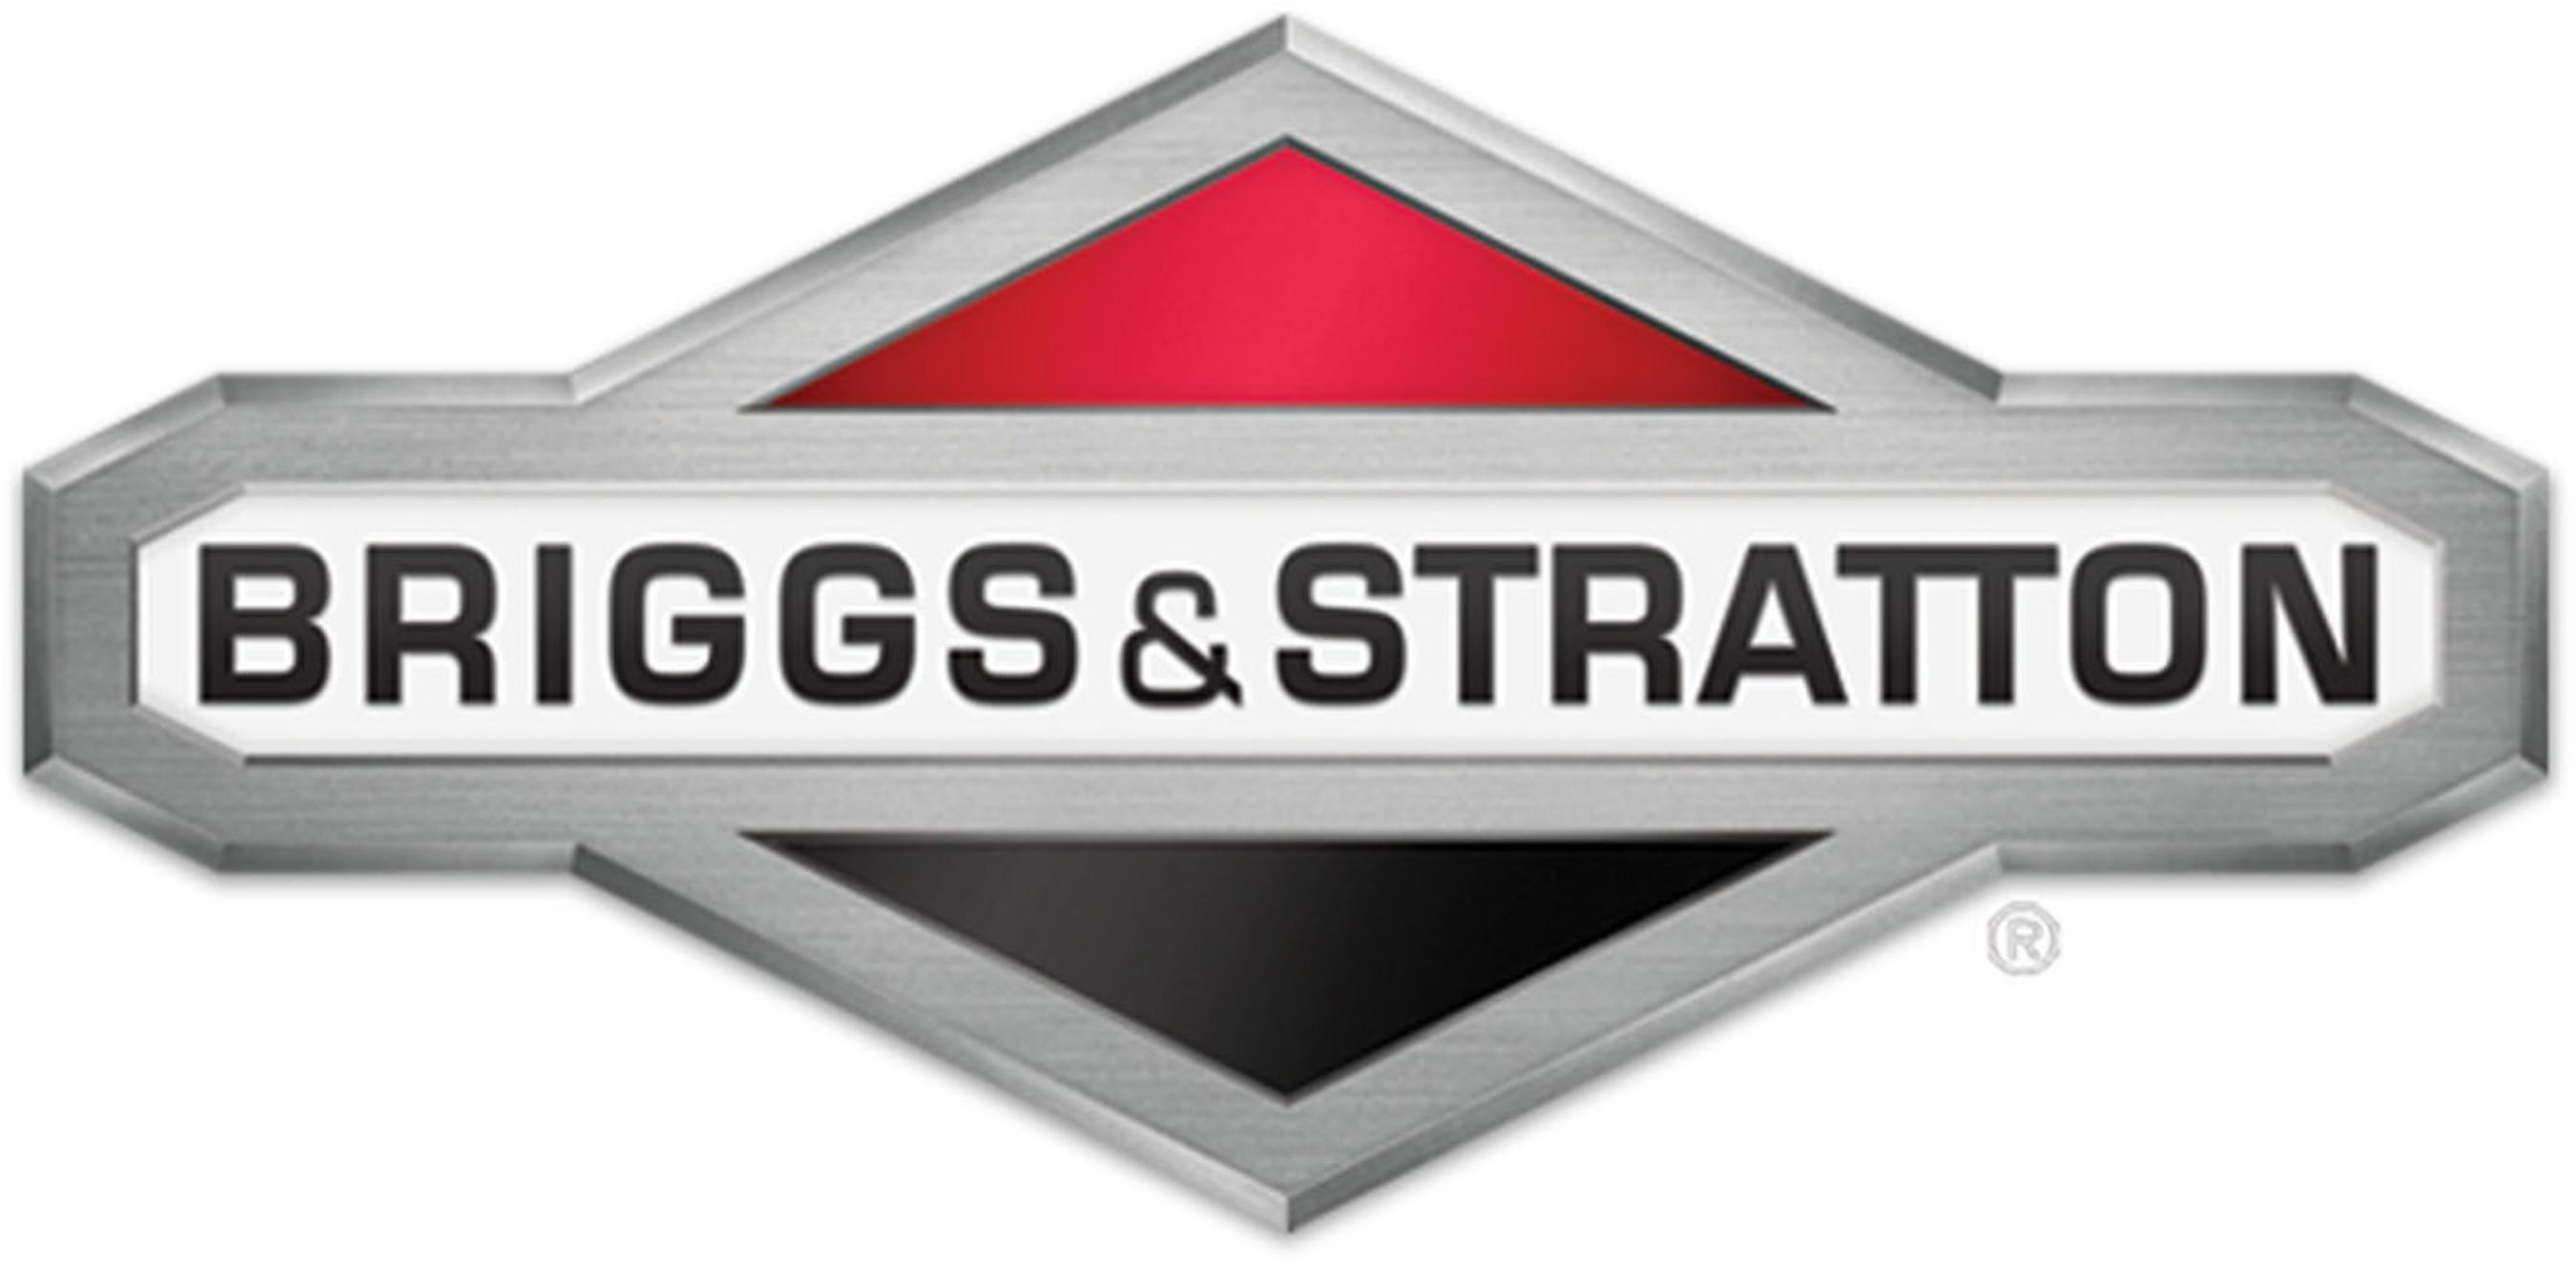 Briggs & Stratton Corporation logo.